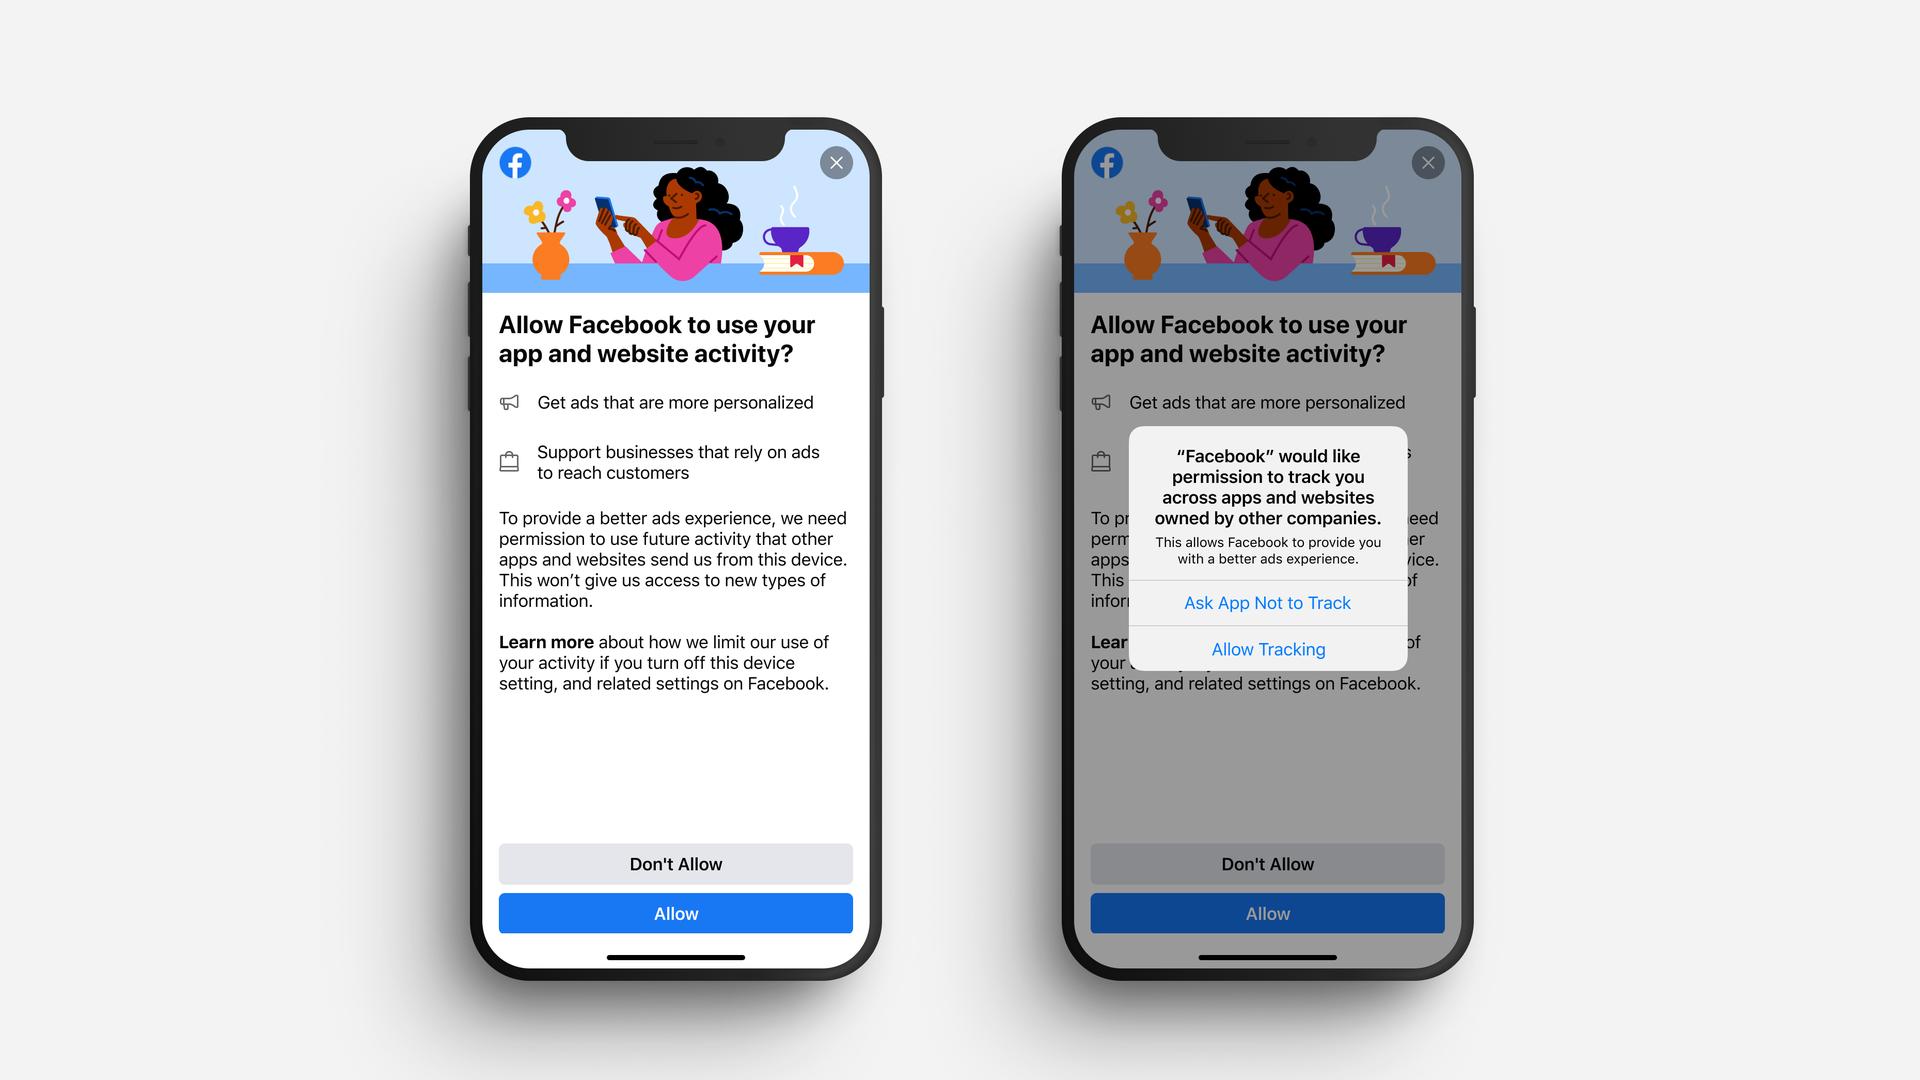 Facebook тестирует свои уведомления для пользователей  iOS 14 в ответ на действия Apple